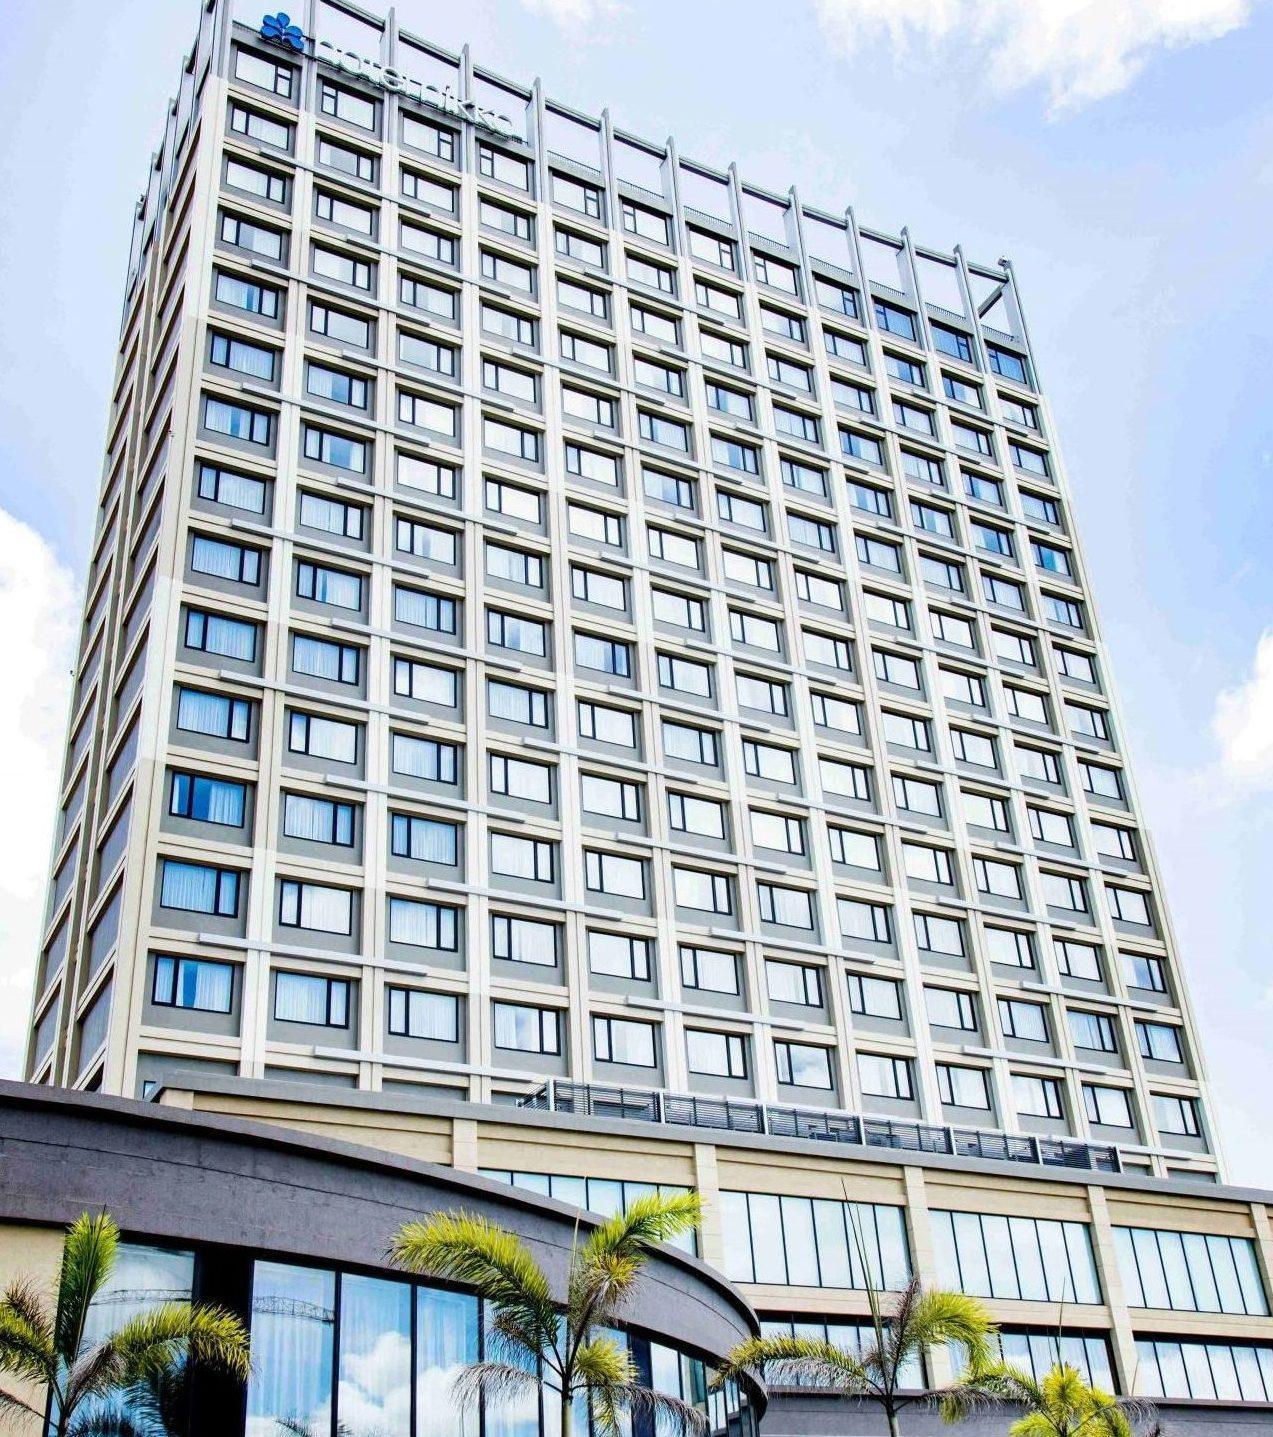 Chụp ảnh lịch tết khách sạn Nikko Hotel Hải Phòng compressed compressed 1 scaled e1598537698943